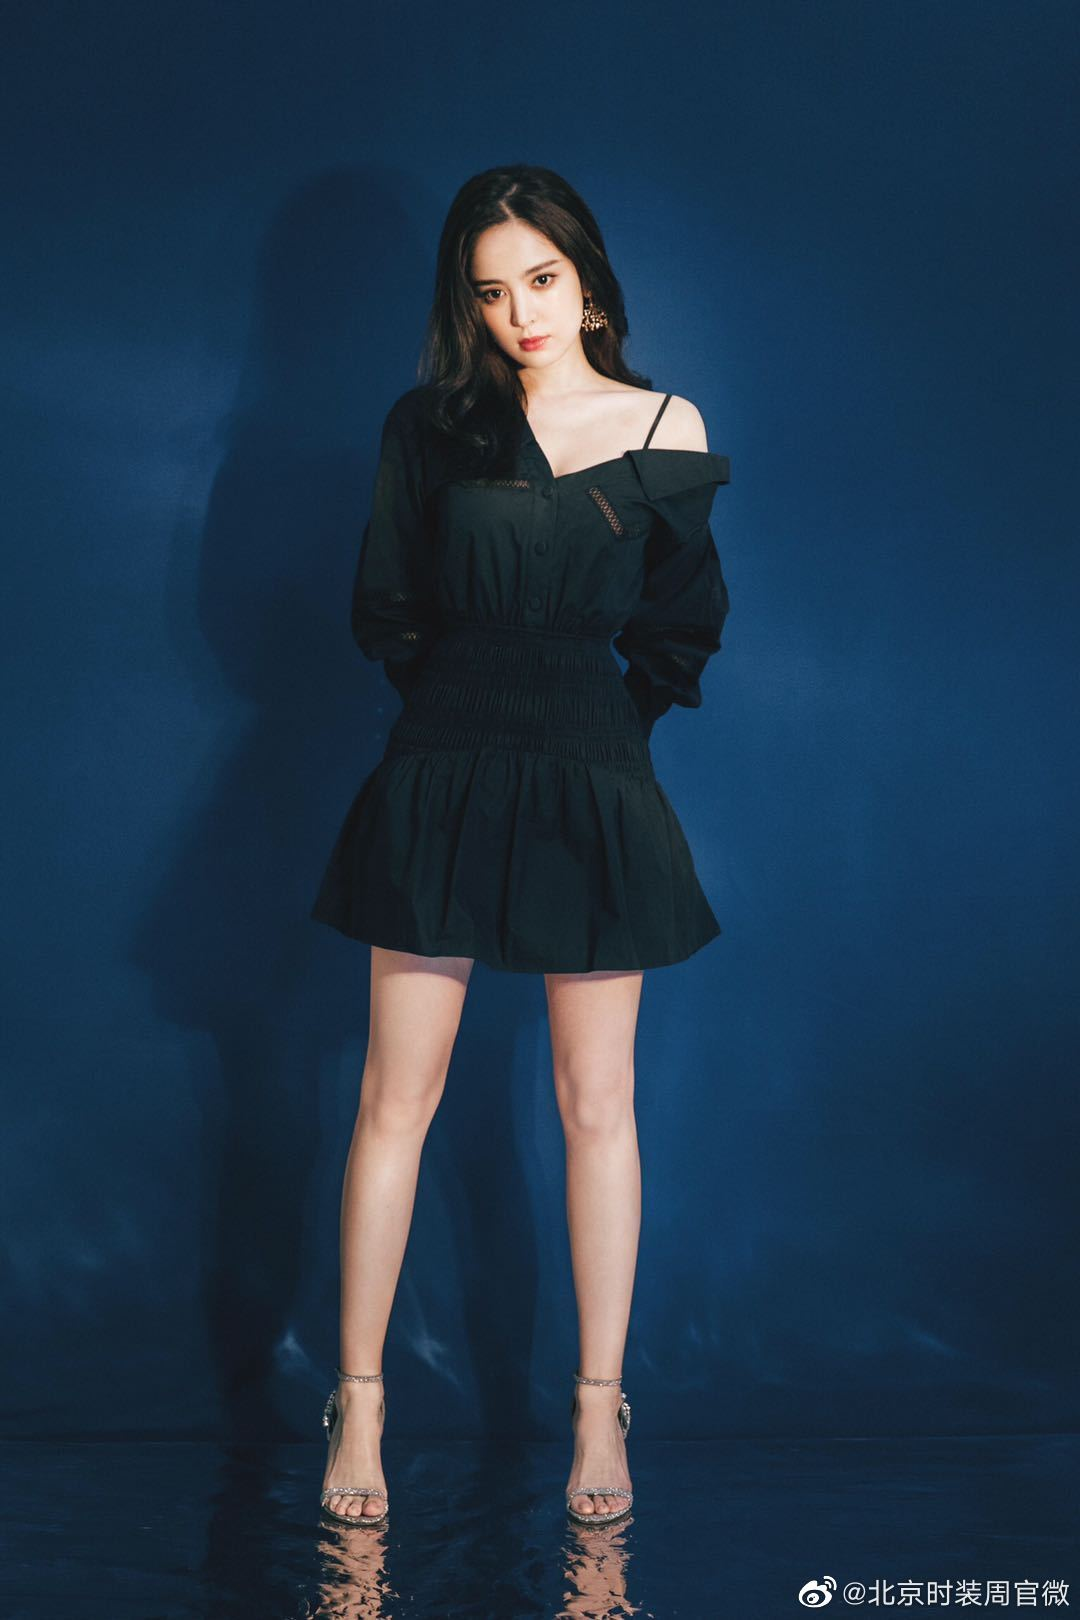 @我是娜扎 今日亮相某品牌线上活动,一袭小黑裙俏皮性感